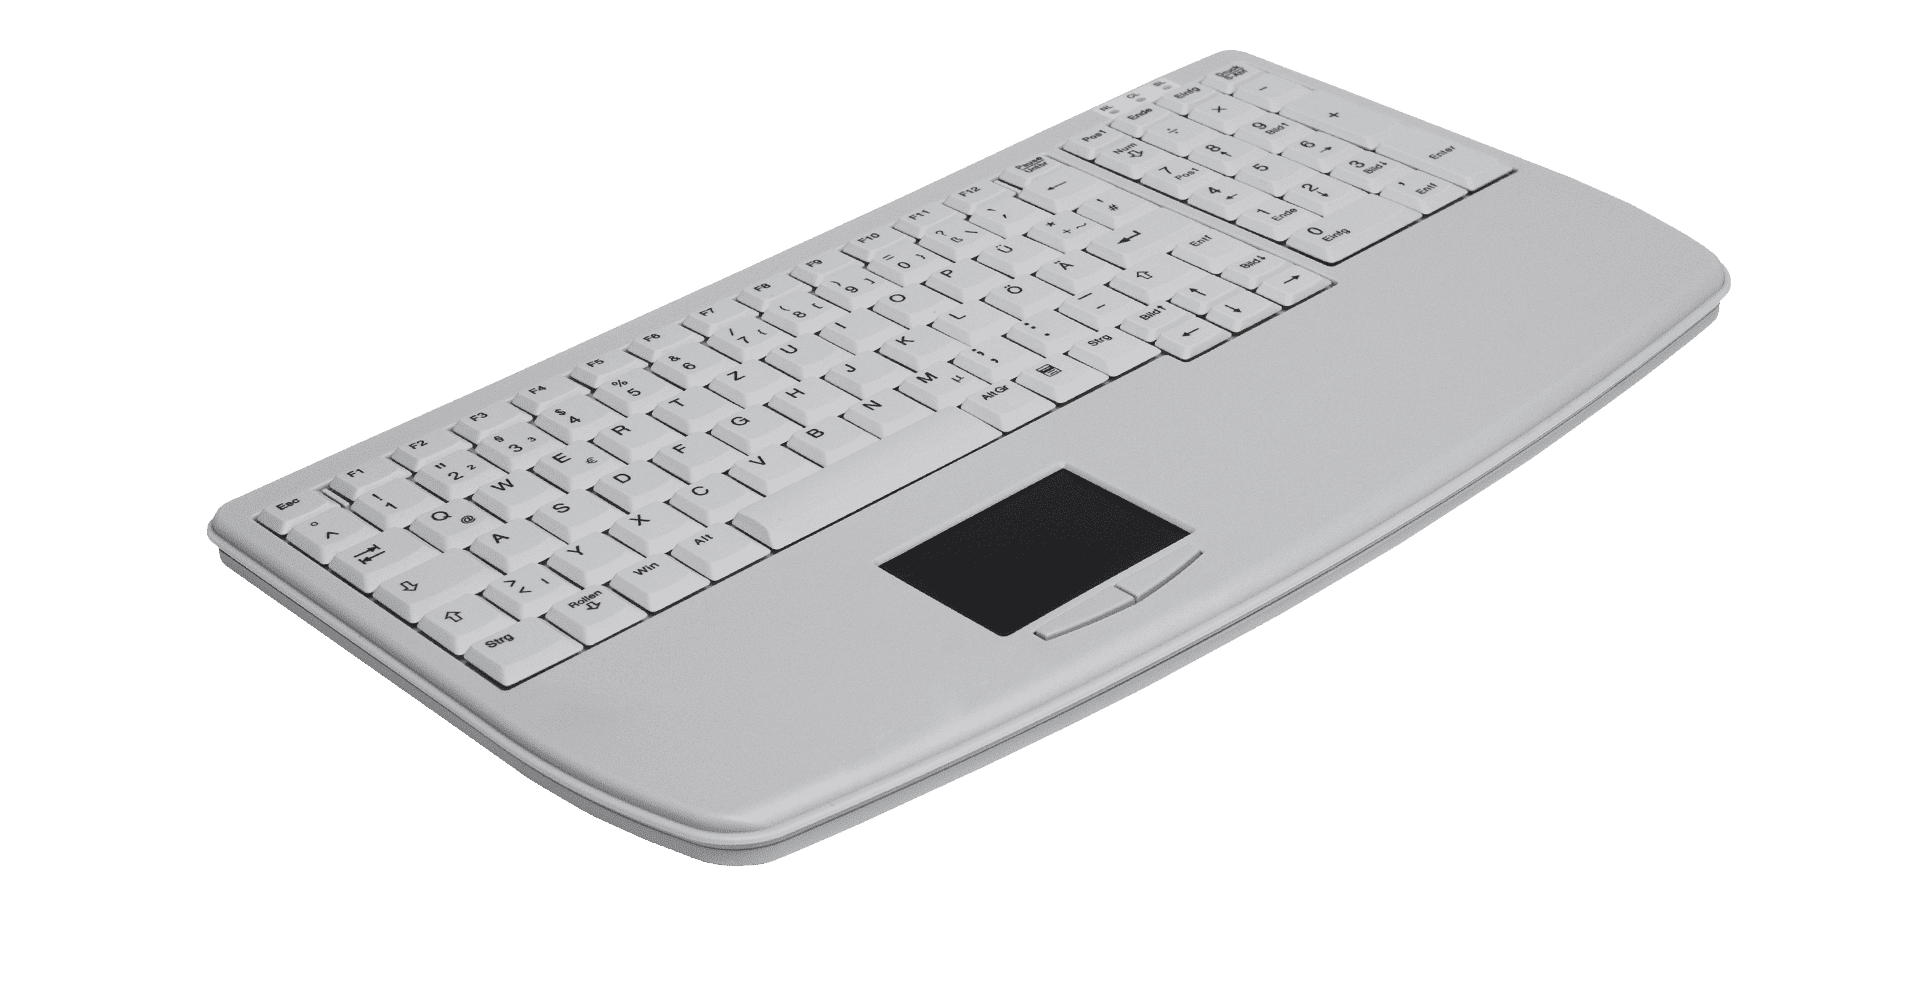 Active Key AK-7410